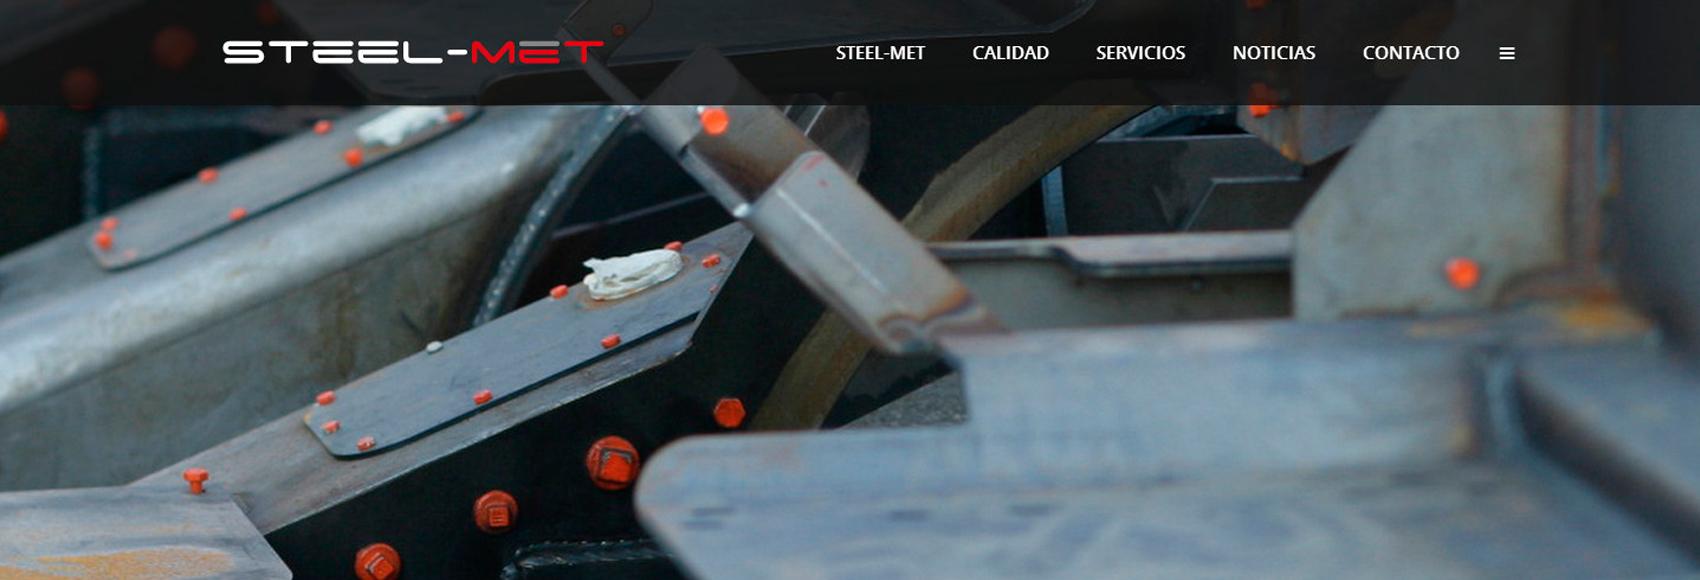 Steel-met empresa de fabricación de maquinaria industrial, consultoría industrial y empresa de diseño industrial y de producto estrena página web